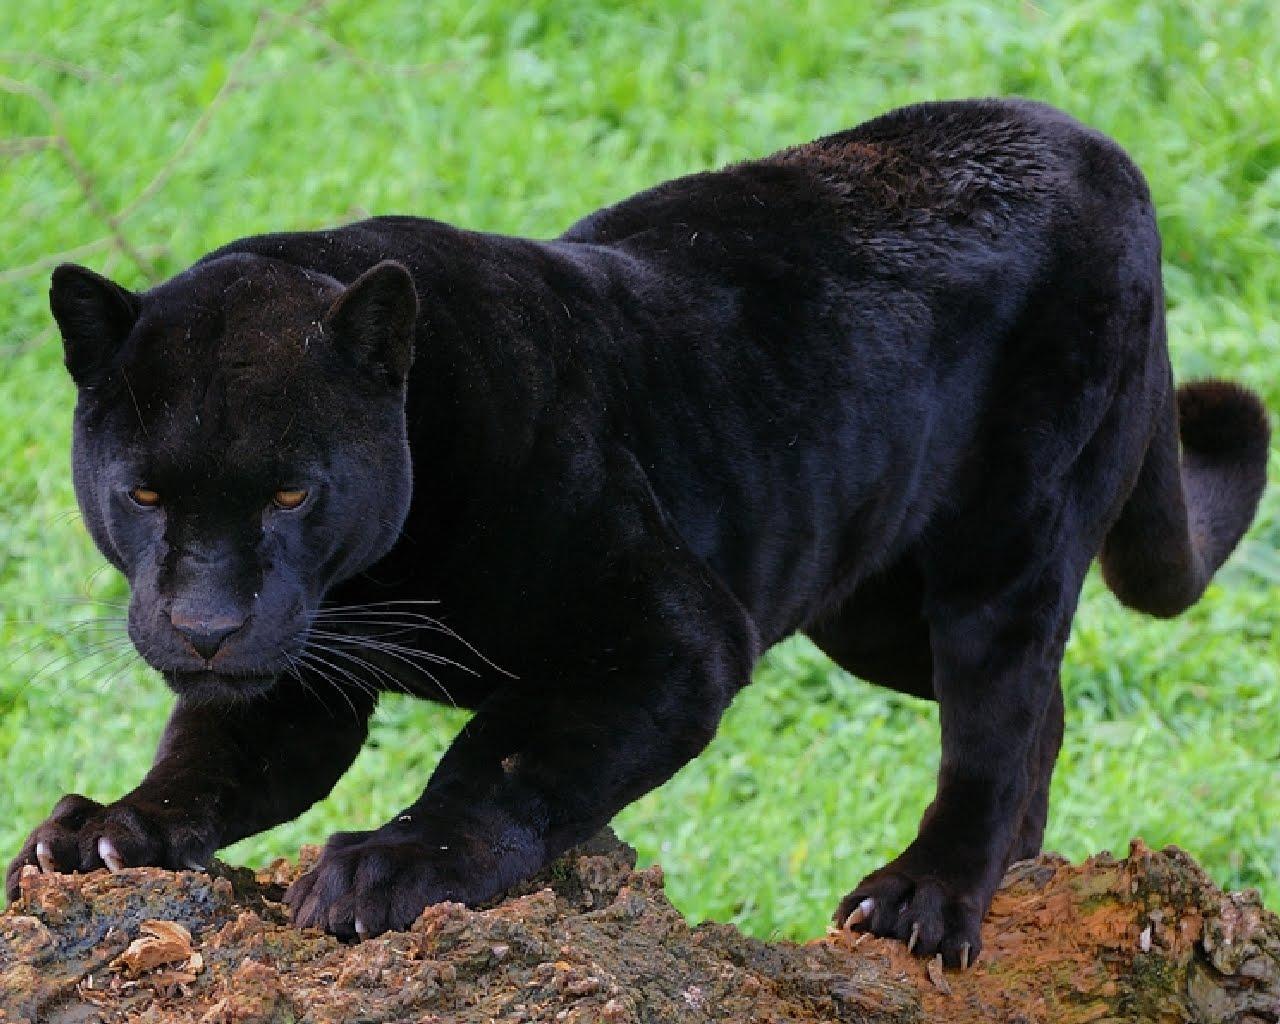 Black Panther Wallpaper Fotograf 237 As De Panteras Negras Black Panthers Photos